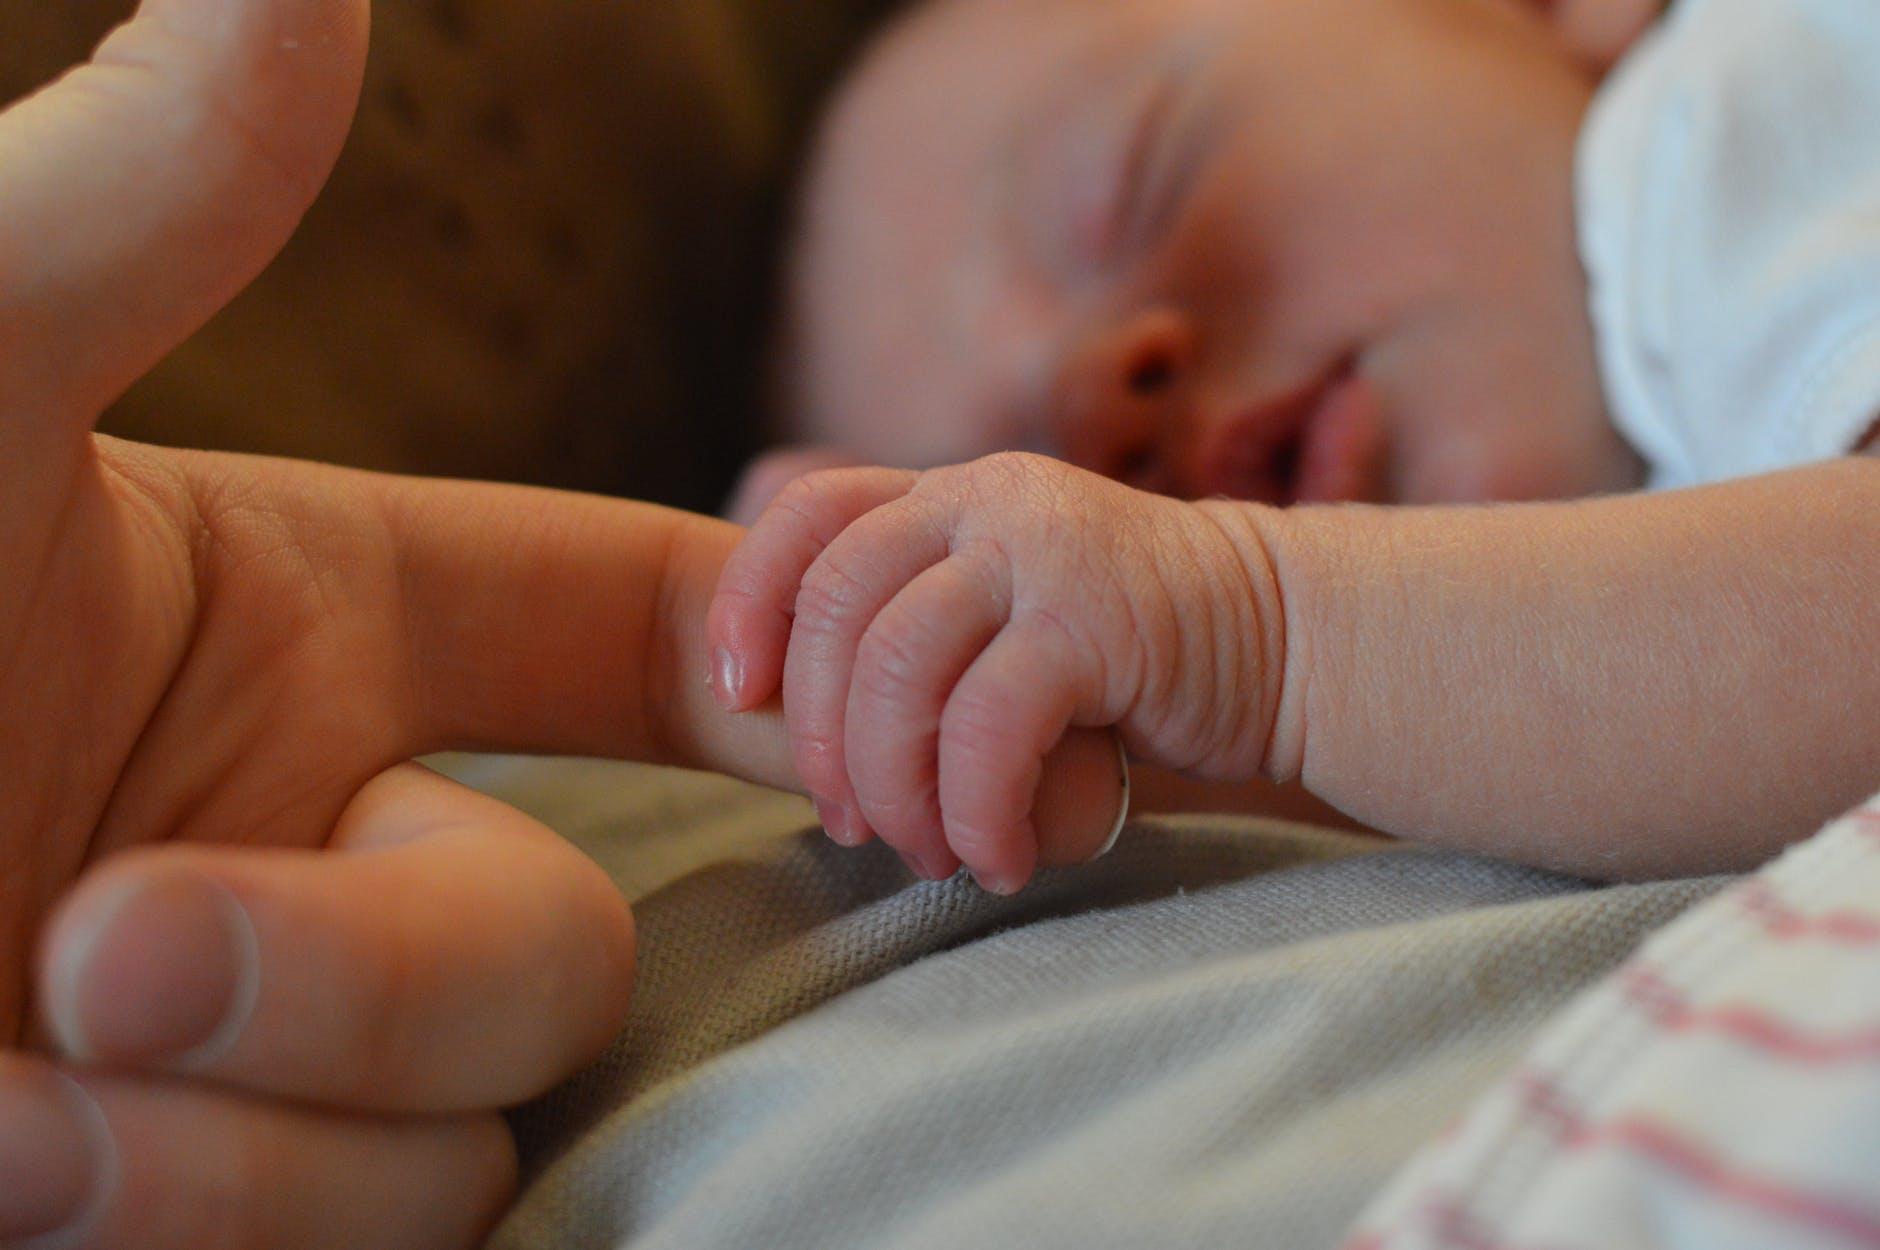 提升生活质量最简单的方式:睡觉